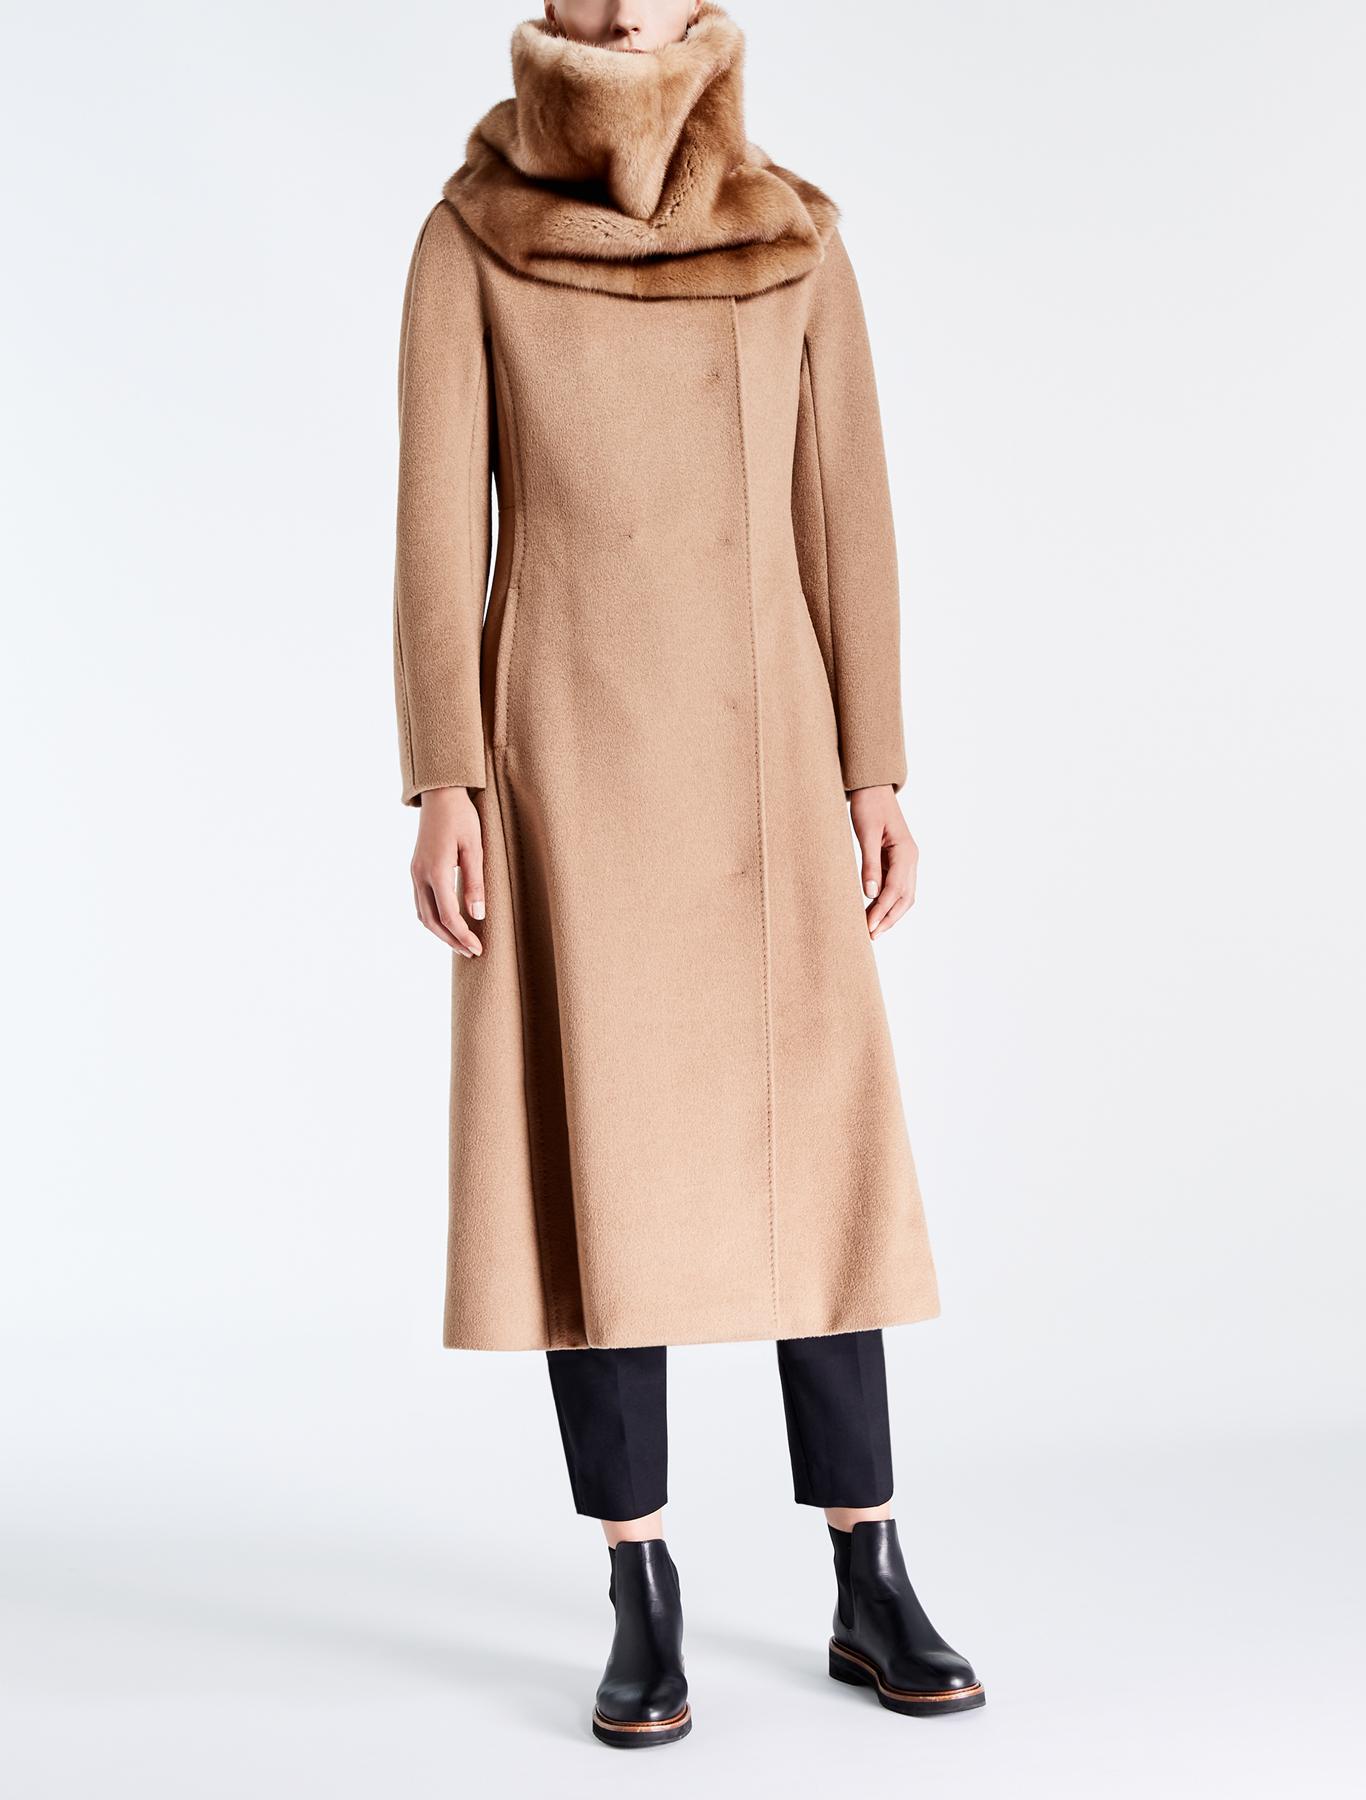 Cappotti Max Mara inverno 2018, foto e prezzi